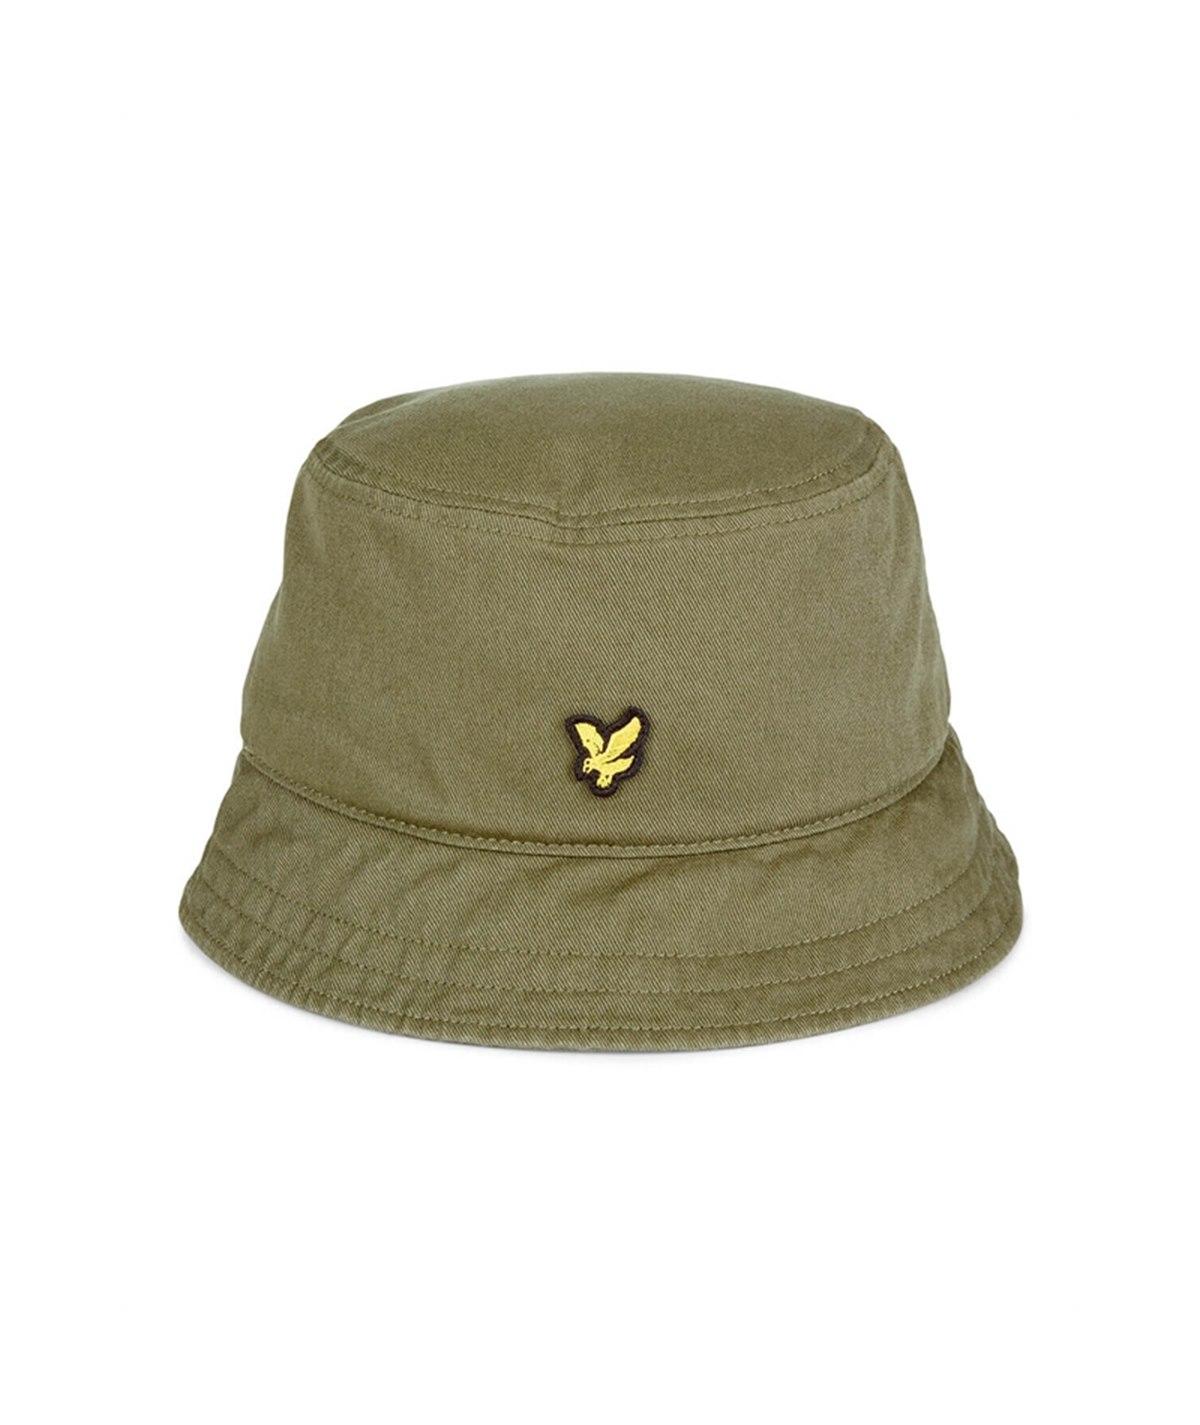 berretto militare lyle scott